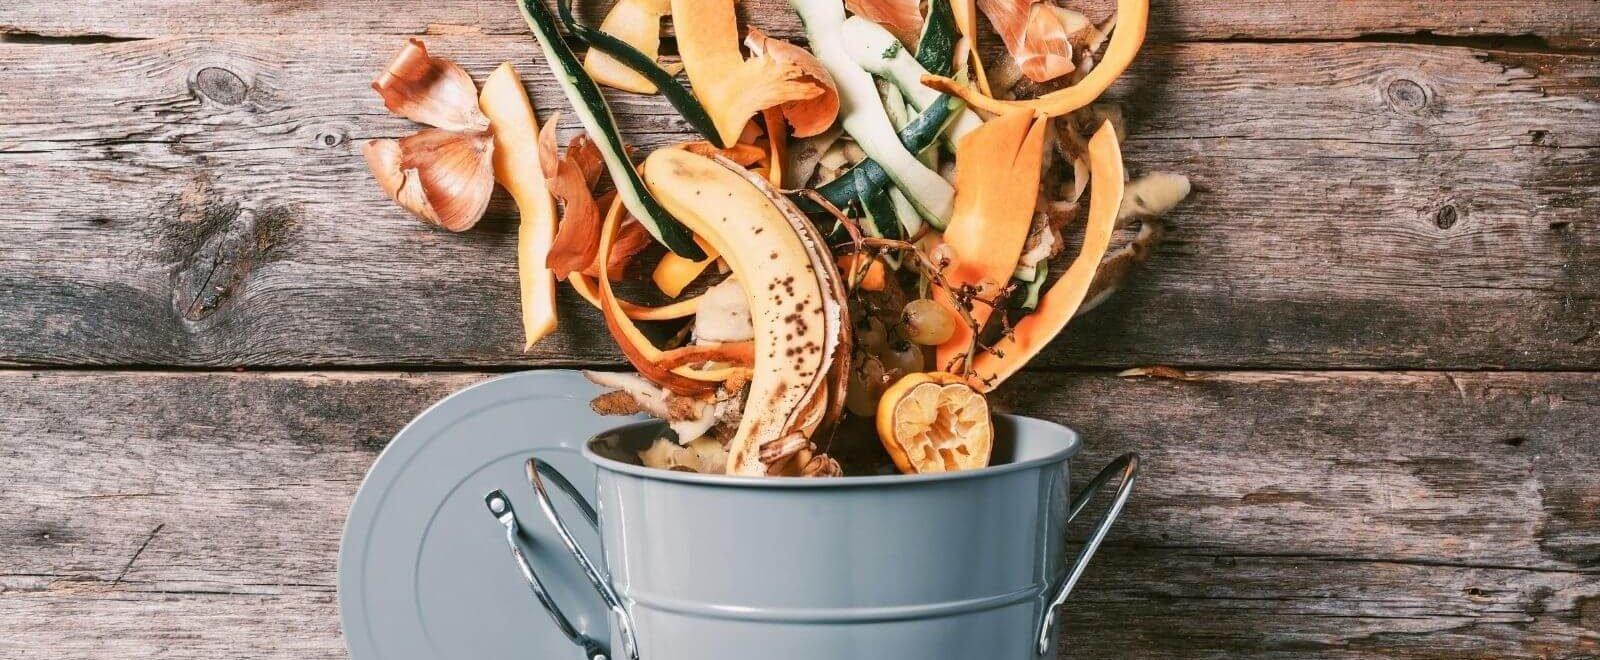 Macchine-per-compostaggio